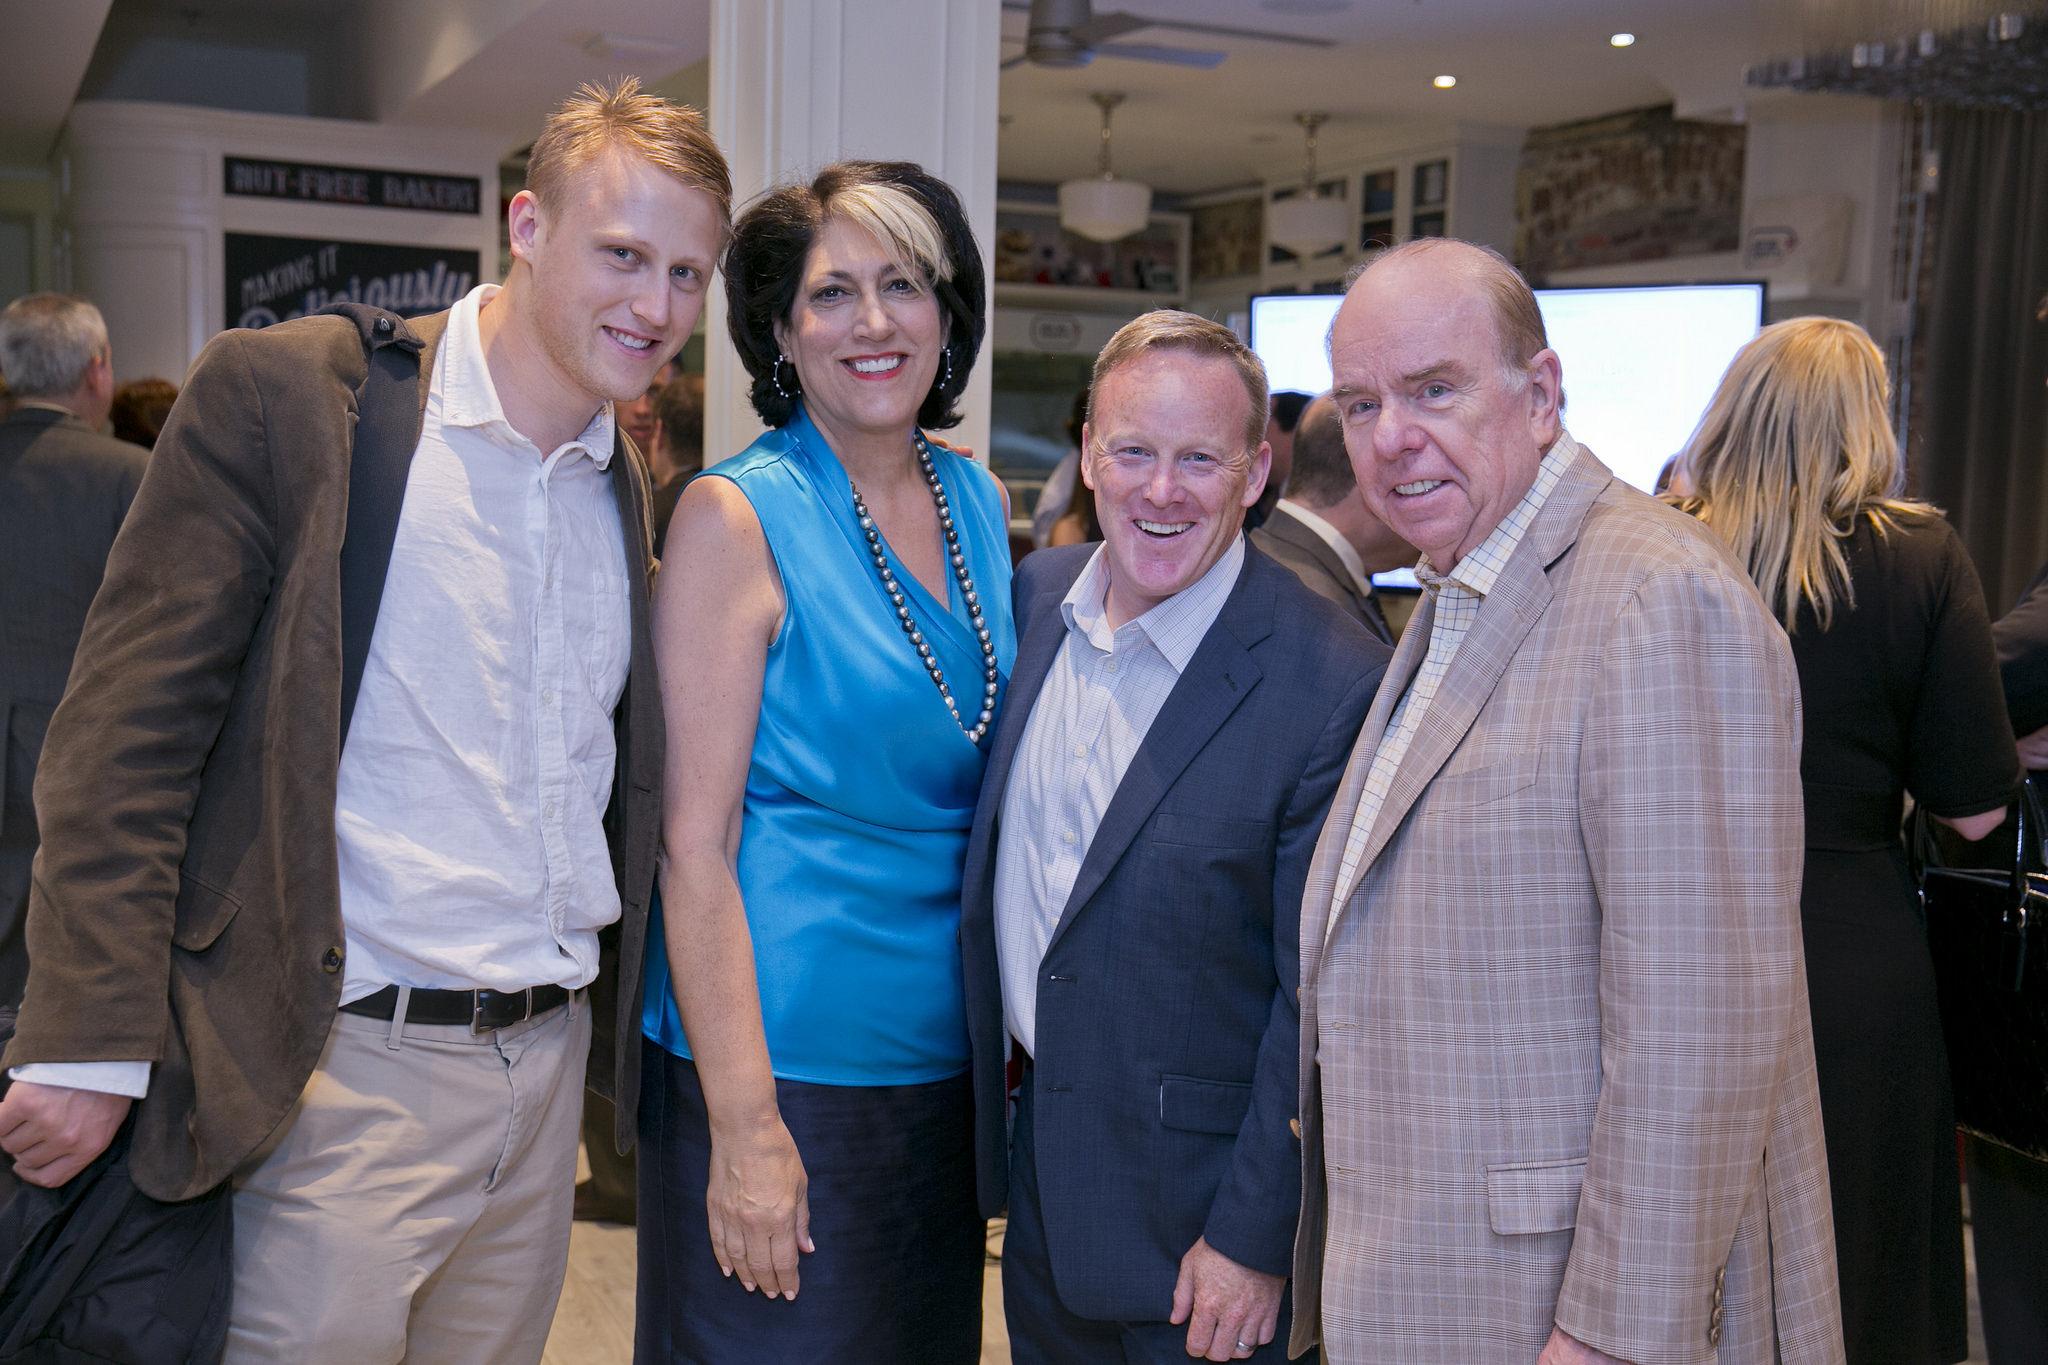 Daniel Lippman, Tammy Haddad, Sean Spicer. Photo courtesy of Haddad Media.